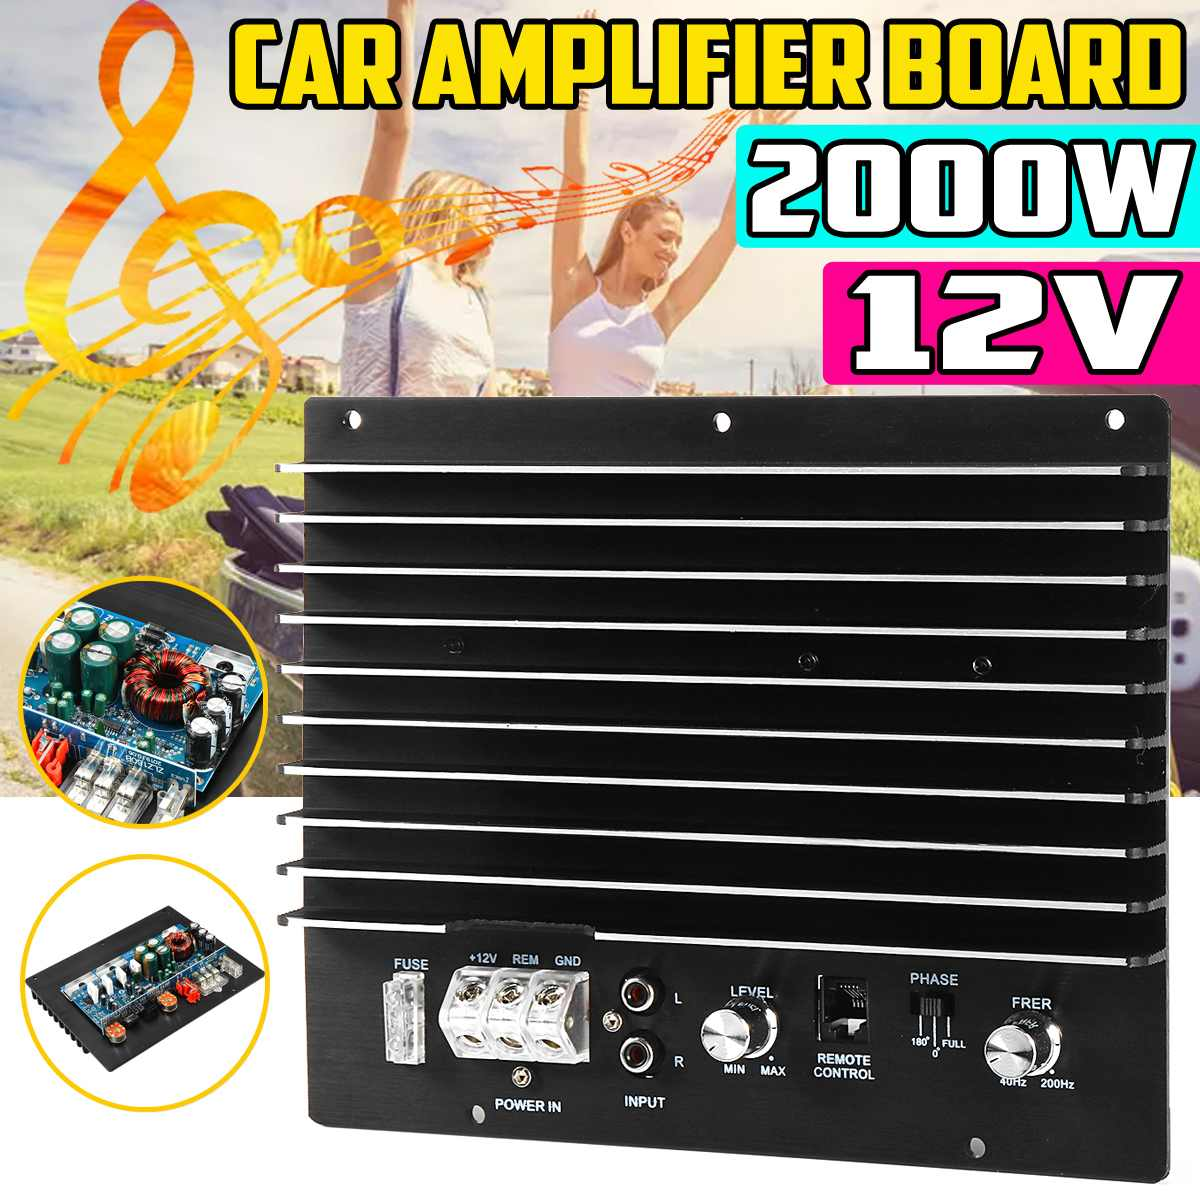 AMPLIFICADOR DE POTENCIA DE Audio para coche 12V, 2000W, Subwoofer, tarjeta amplificadora de graves potente, tablero de amplificador DIY para coche, reproductor de coche